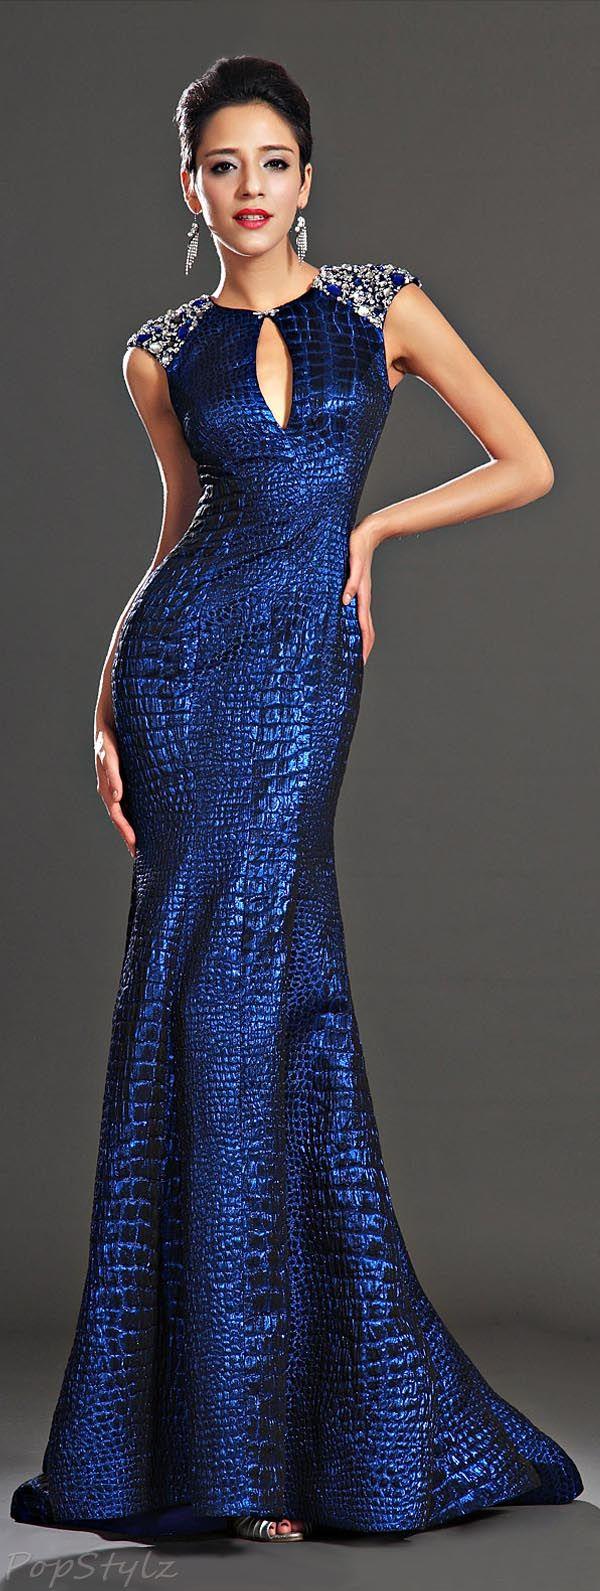 Sapphire Blue Evening Dress